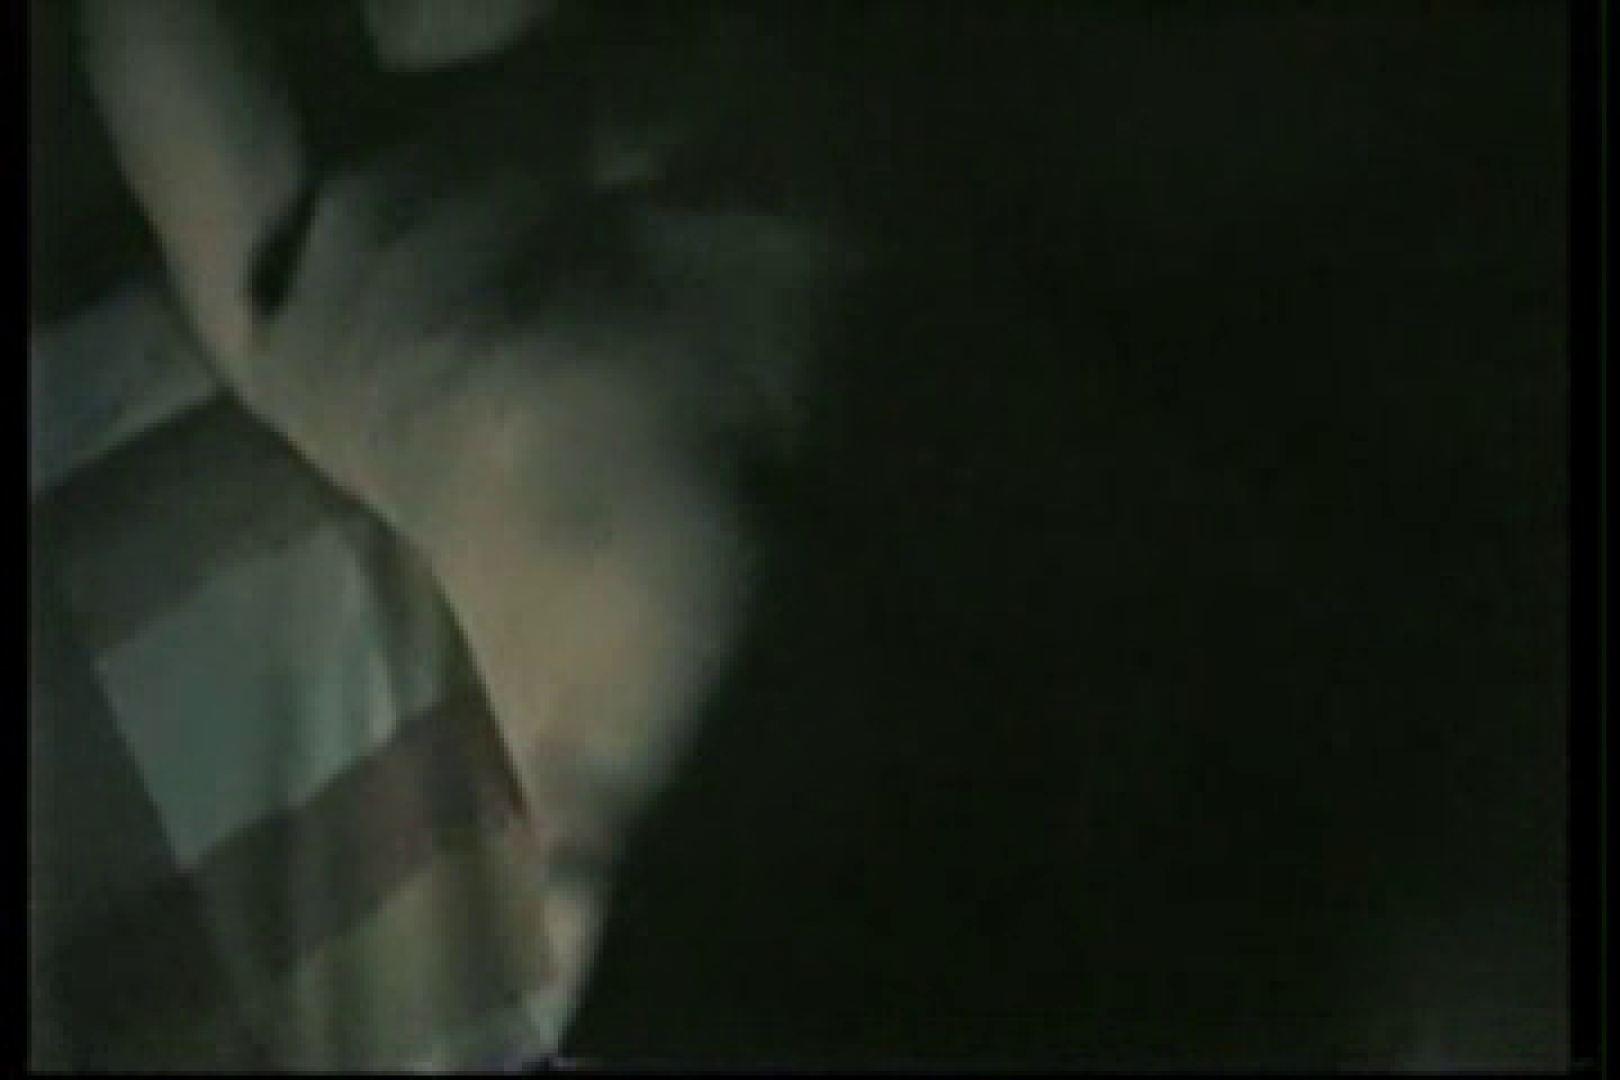 【実録個人撮影】男の子達の禁断の愛欲性活!!vol.02(対女性アナル責め) アナル特集 ゲイセックス画像 105枚 27